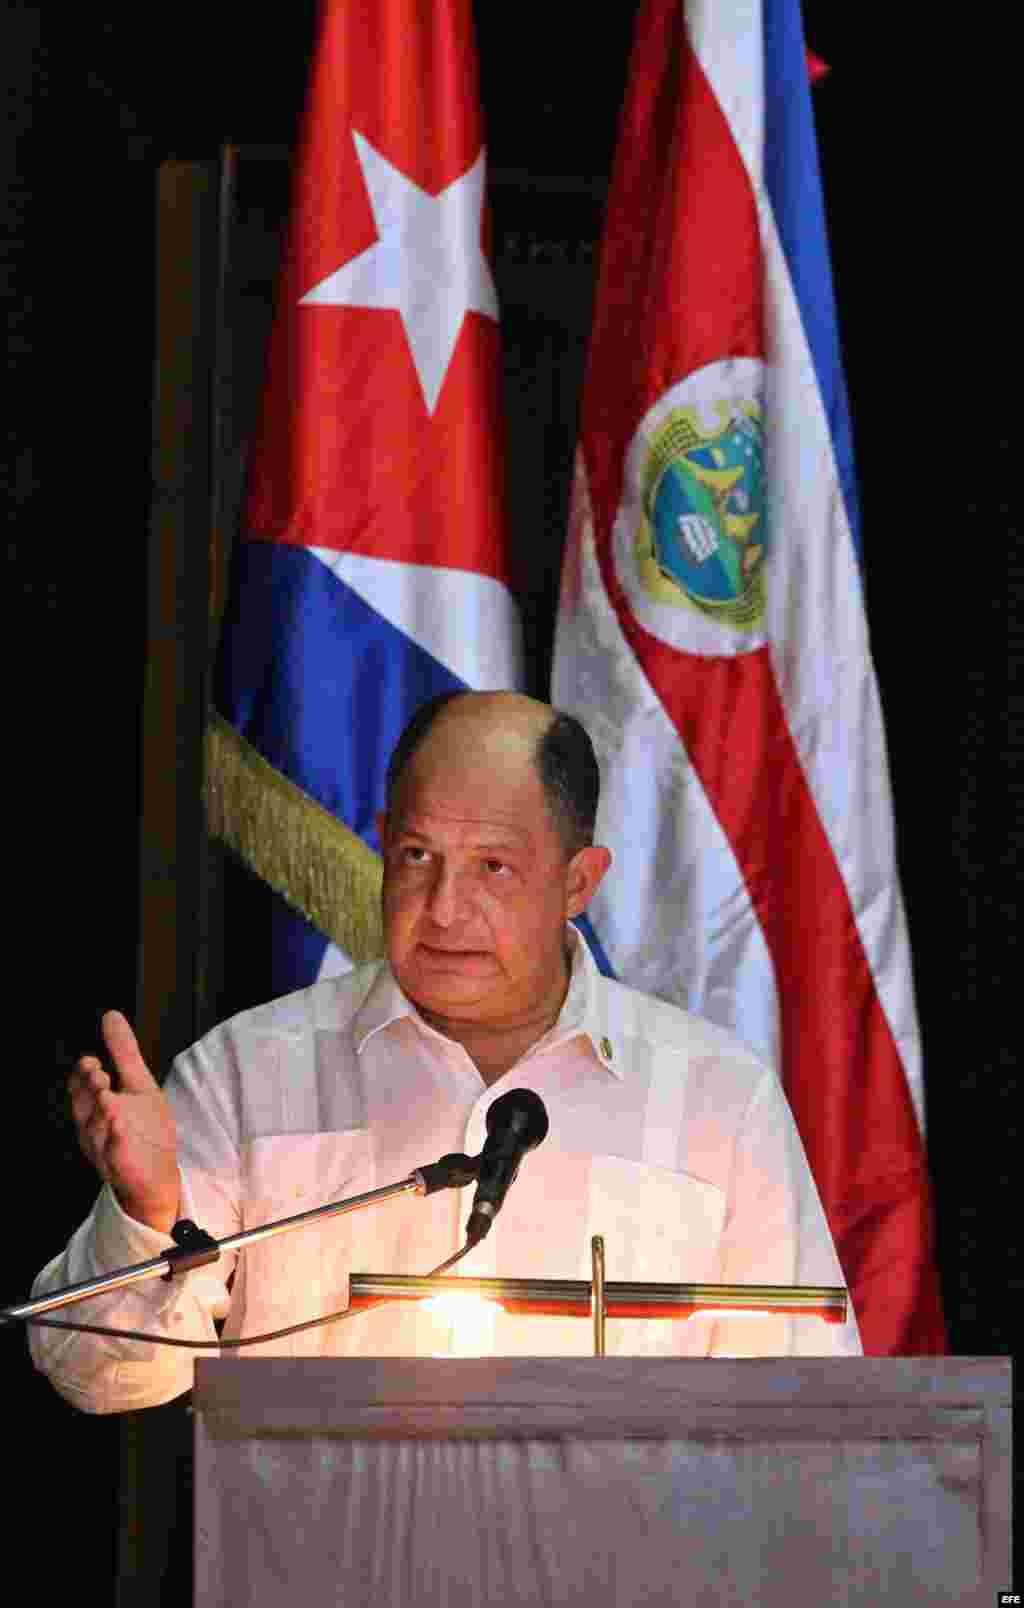 El presidente de Costa Rica, Luis Guillermo Solís ofrece un discurso en La Habana, Cuba.